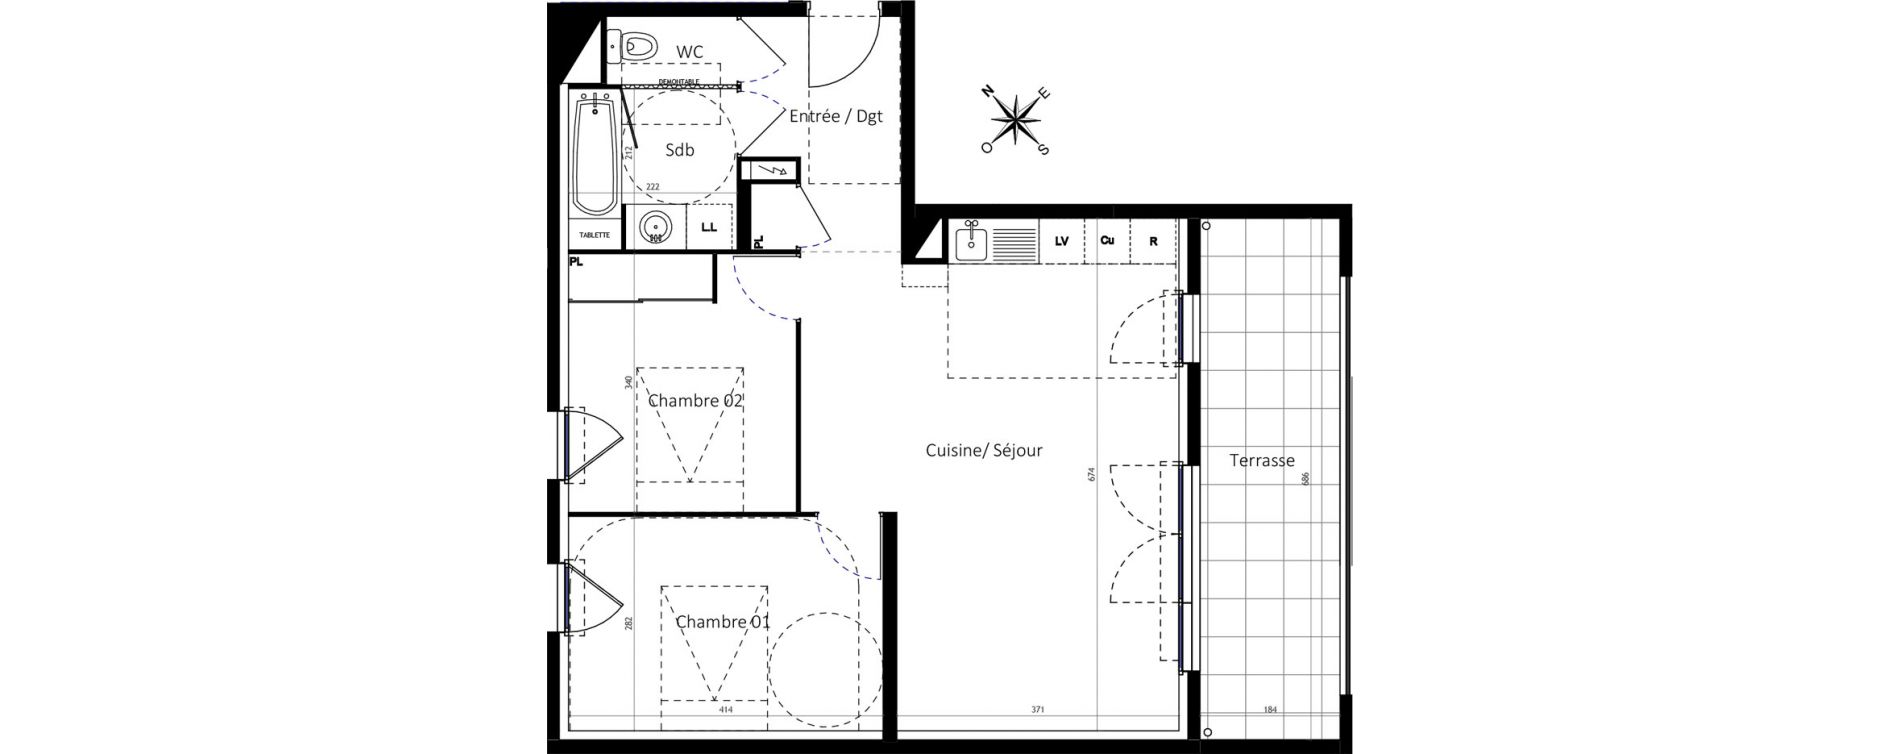 Appartement T3 de 63,50 m2 à Montpellier Montcalm